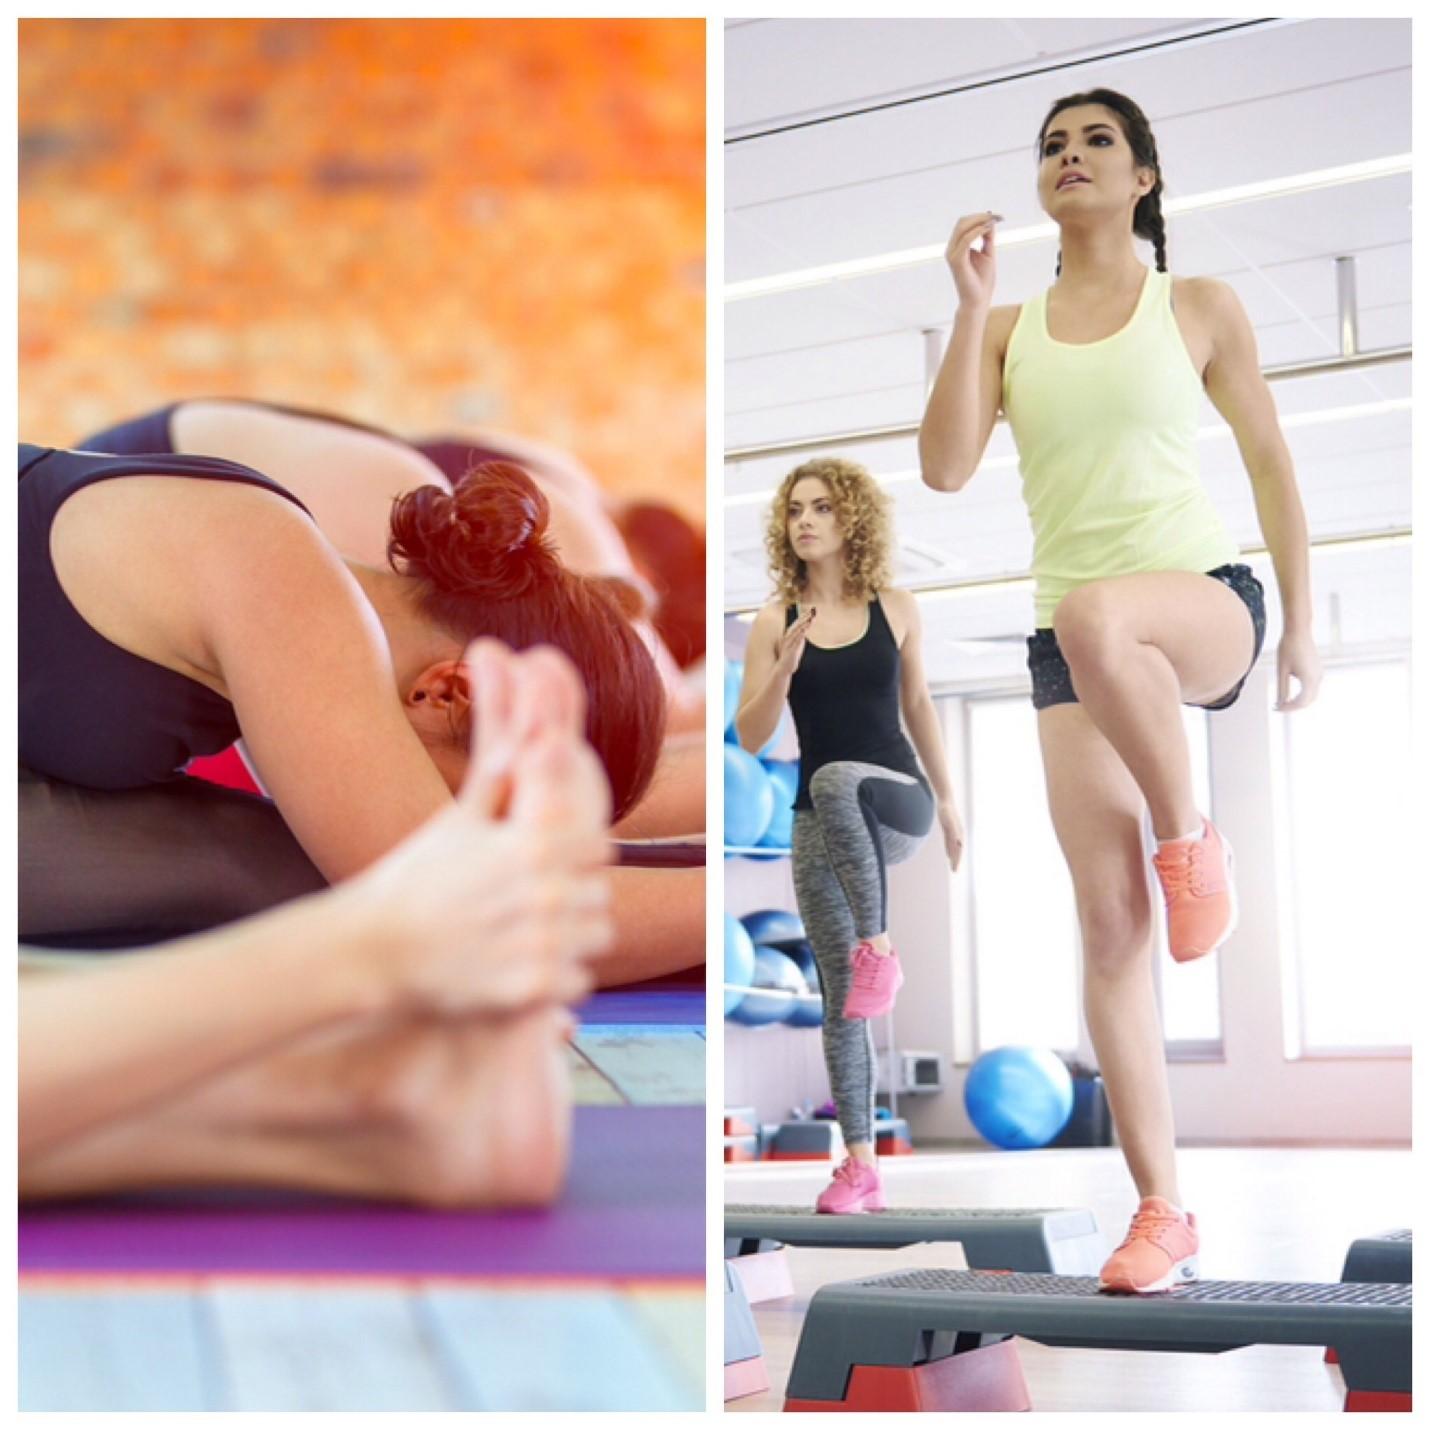 Yuk Kurangi Risiko Penyakit Jantung dengan Rutin Yoga dan Aerobic